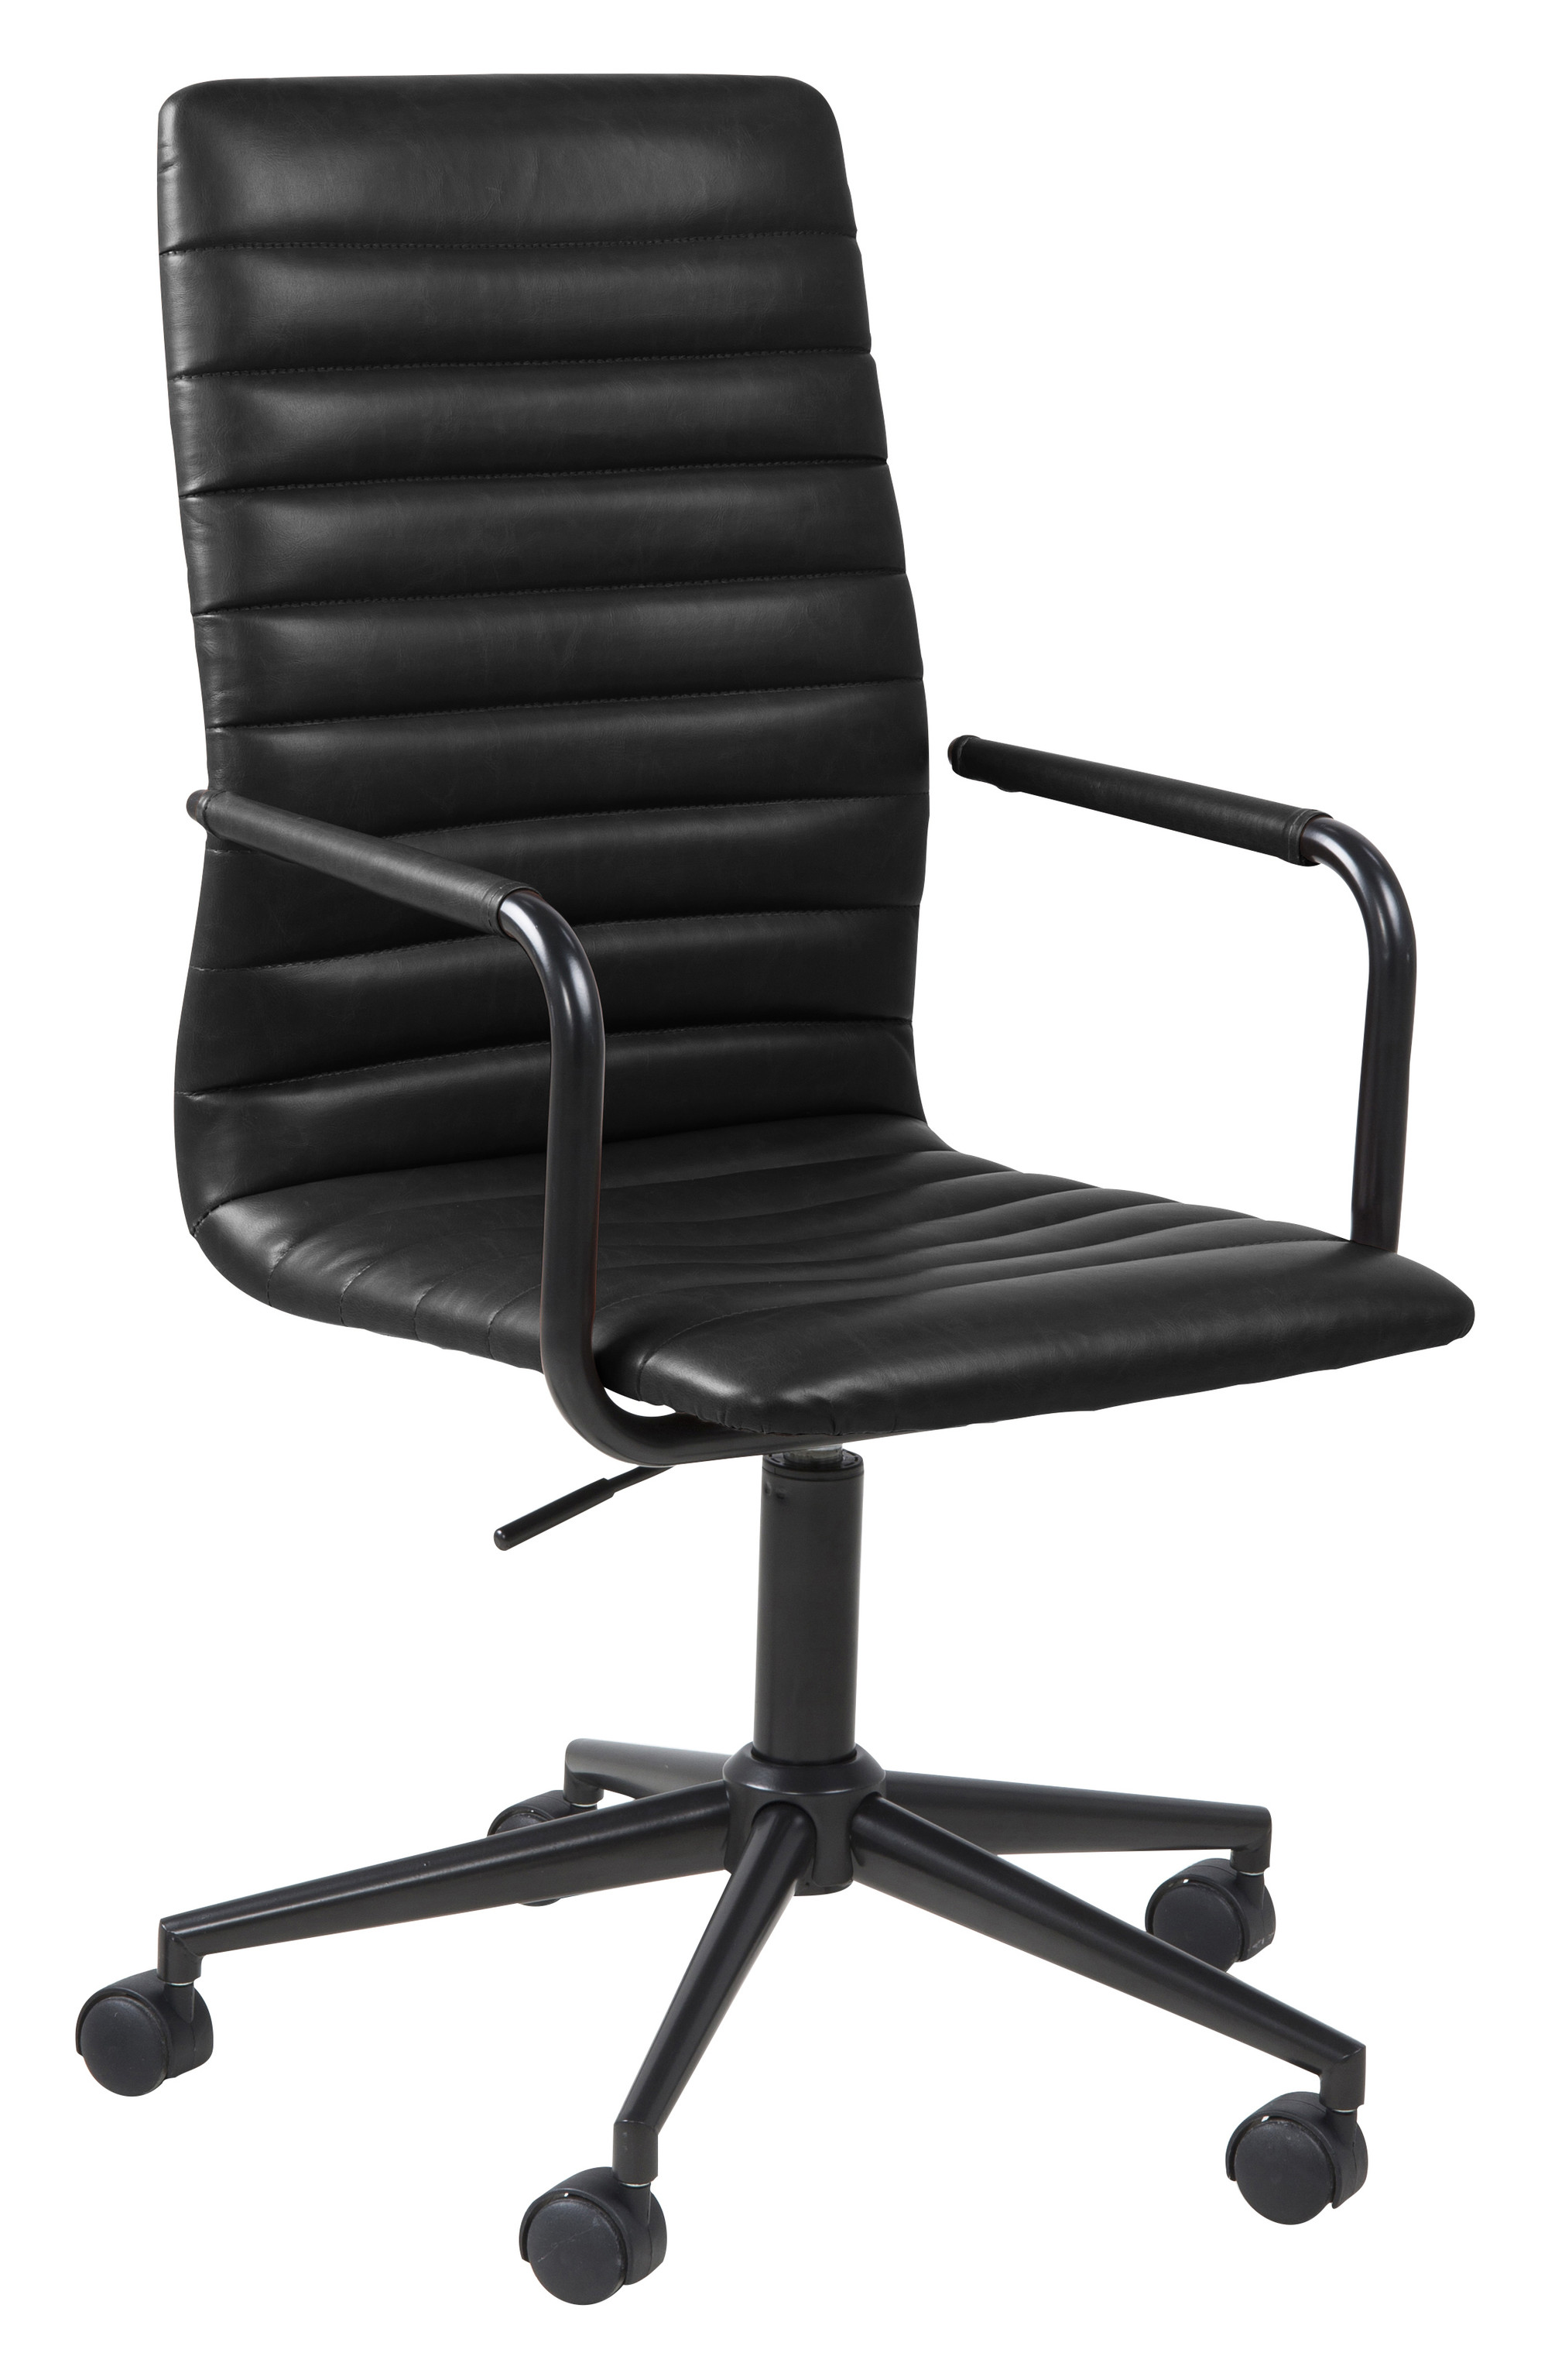 Fijne Zwarte Bureaustoel.Bendt Bureaustoel Maria Pu Leder